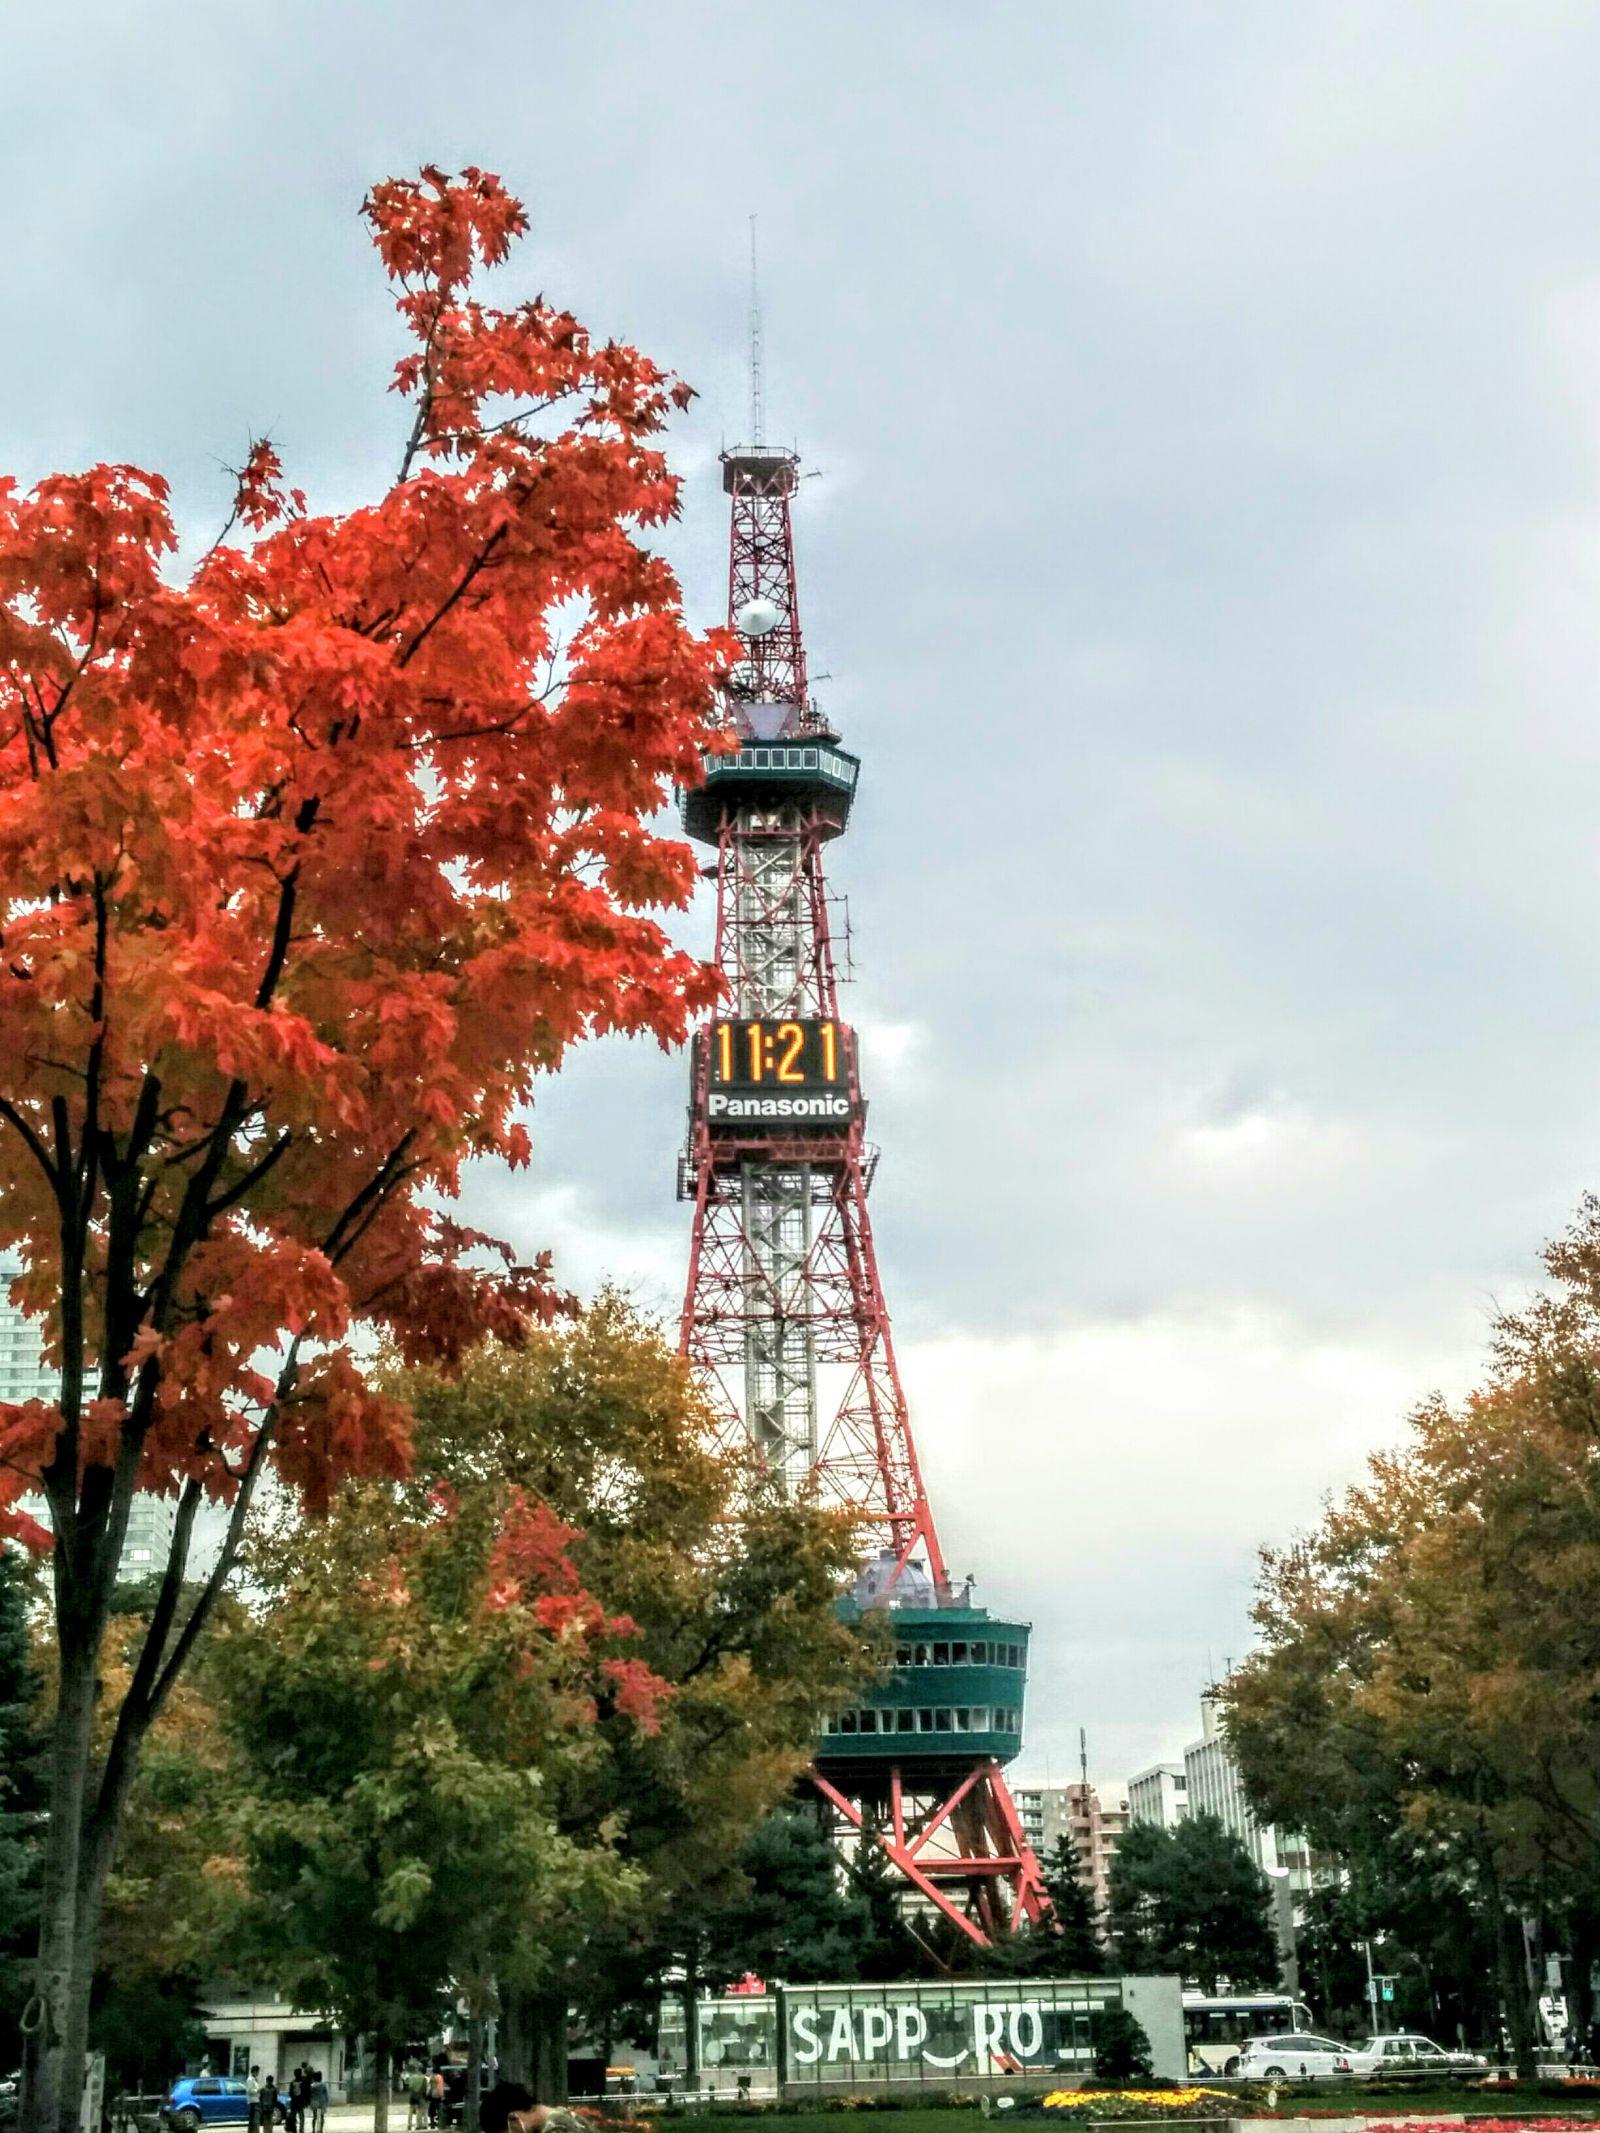 【札幌】秋のテレビ塔観光案内です。